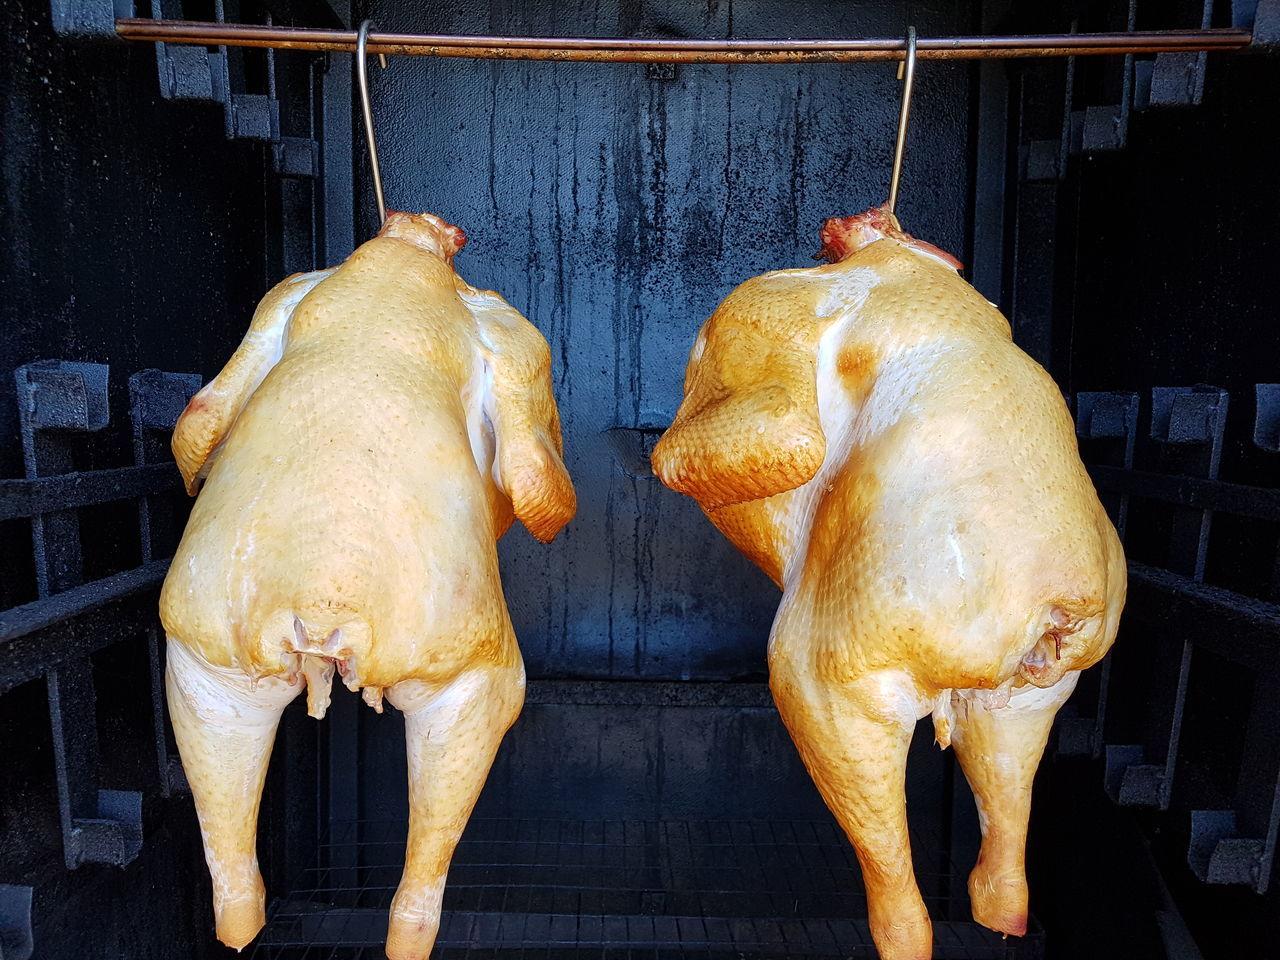 Hanging Close-up Smoke Smoking Turkey Food BBQ Meat Processing Kitchen Life